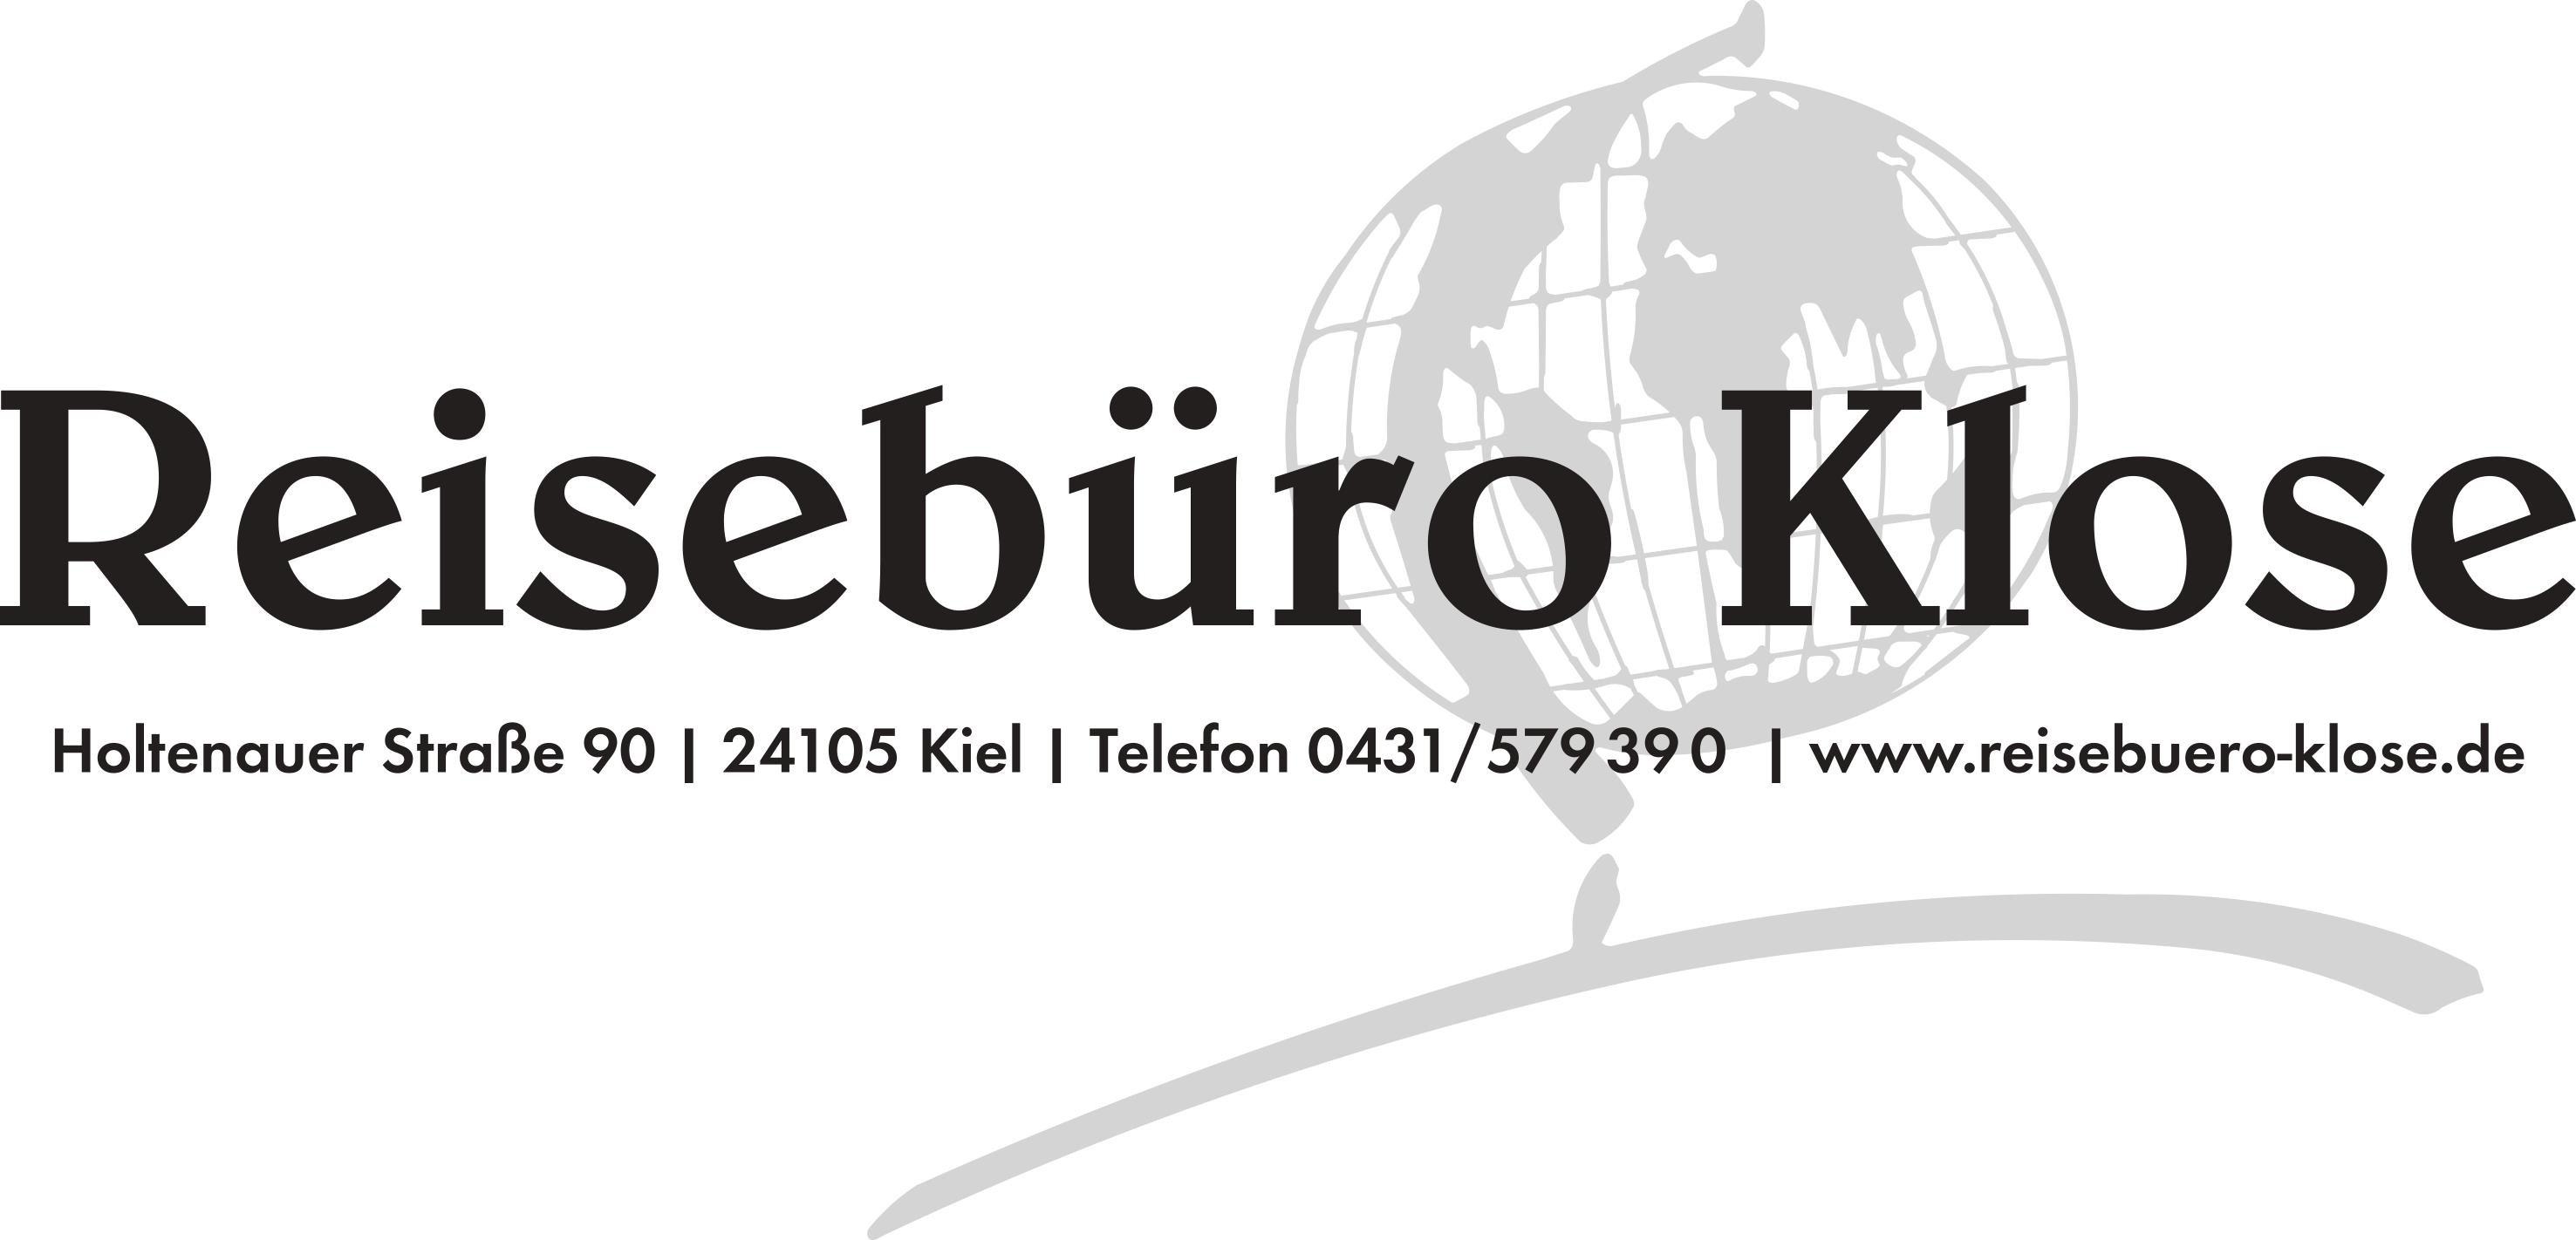 Reisebüro Klose e. K.